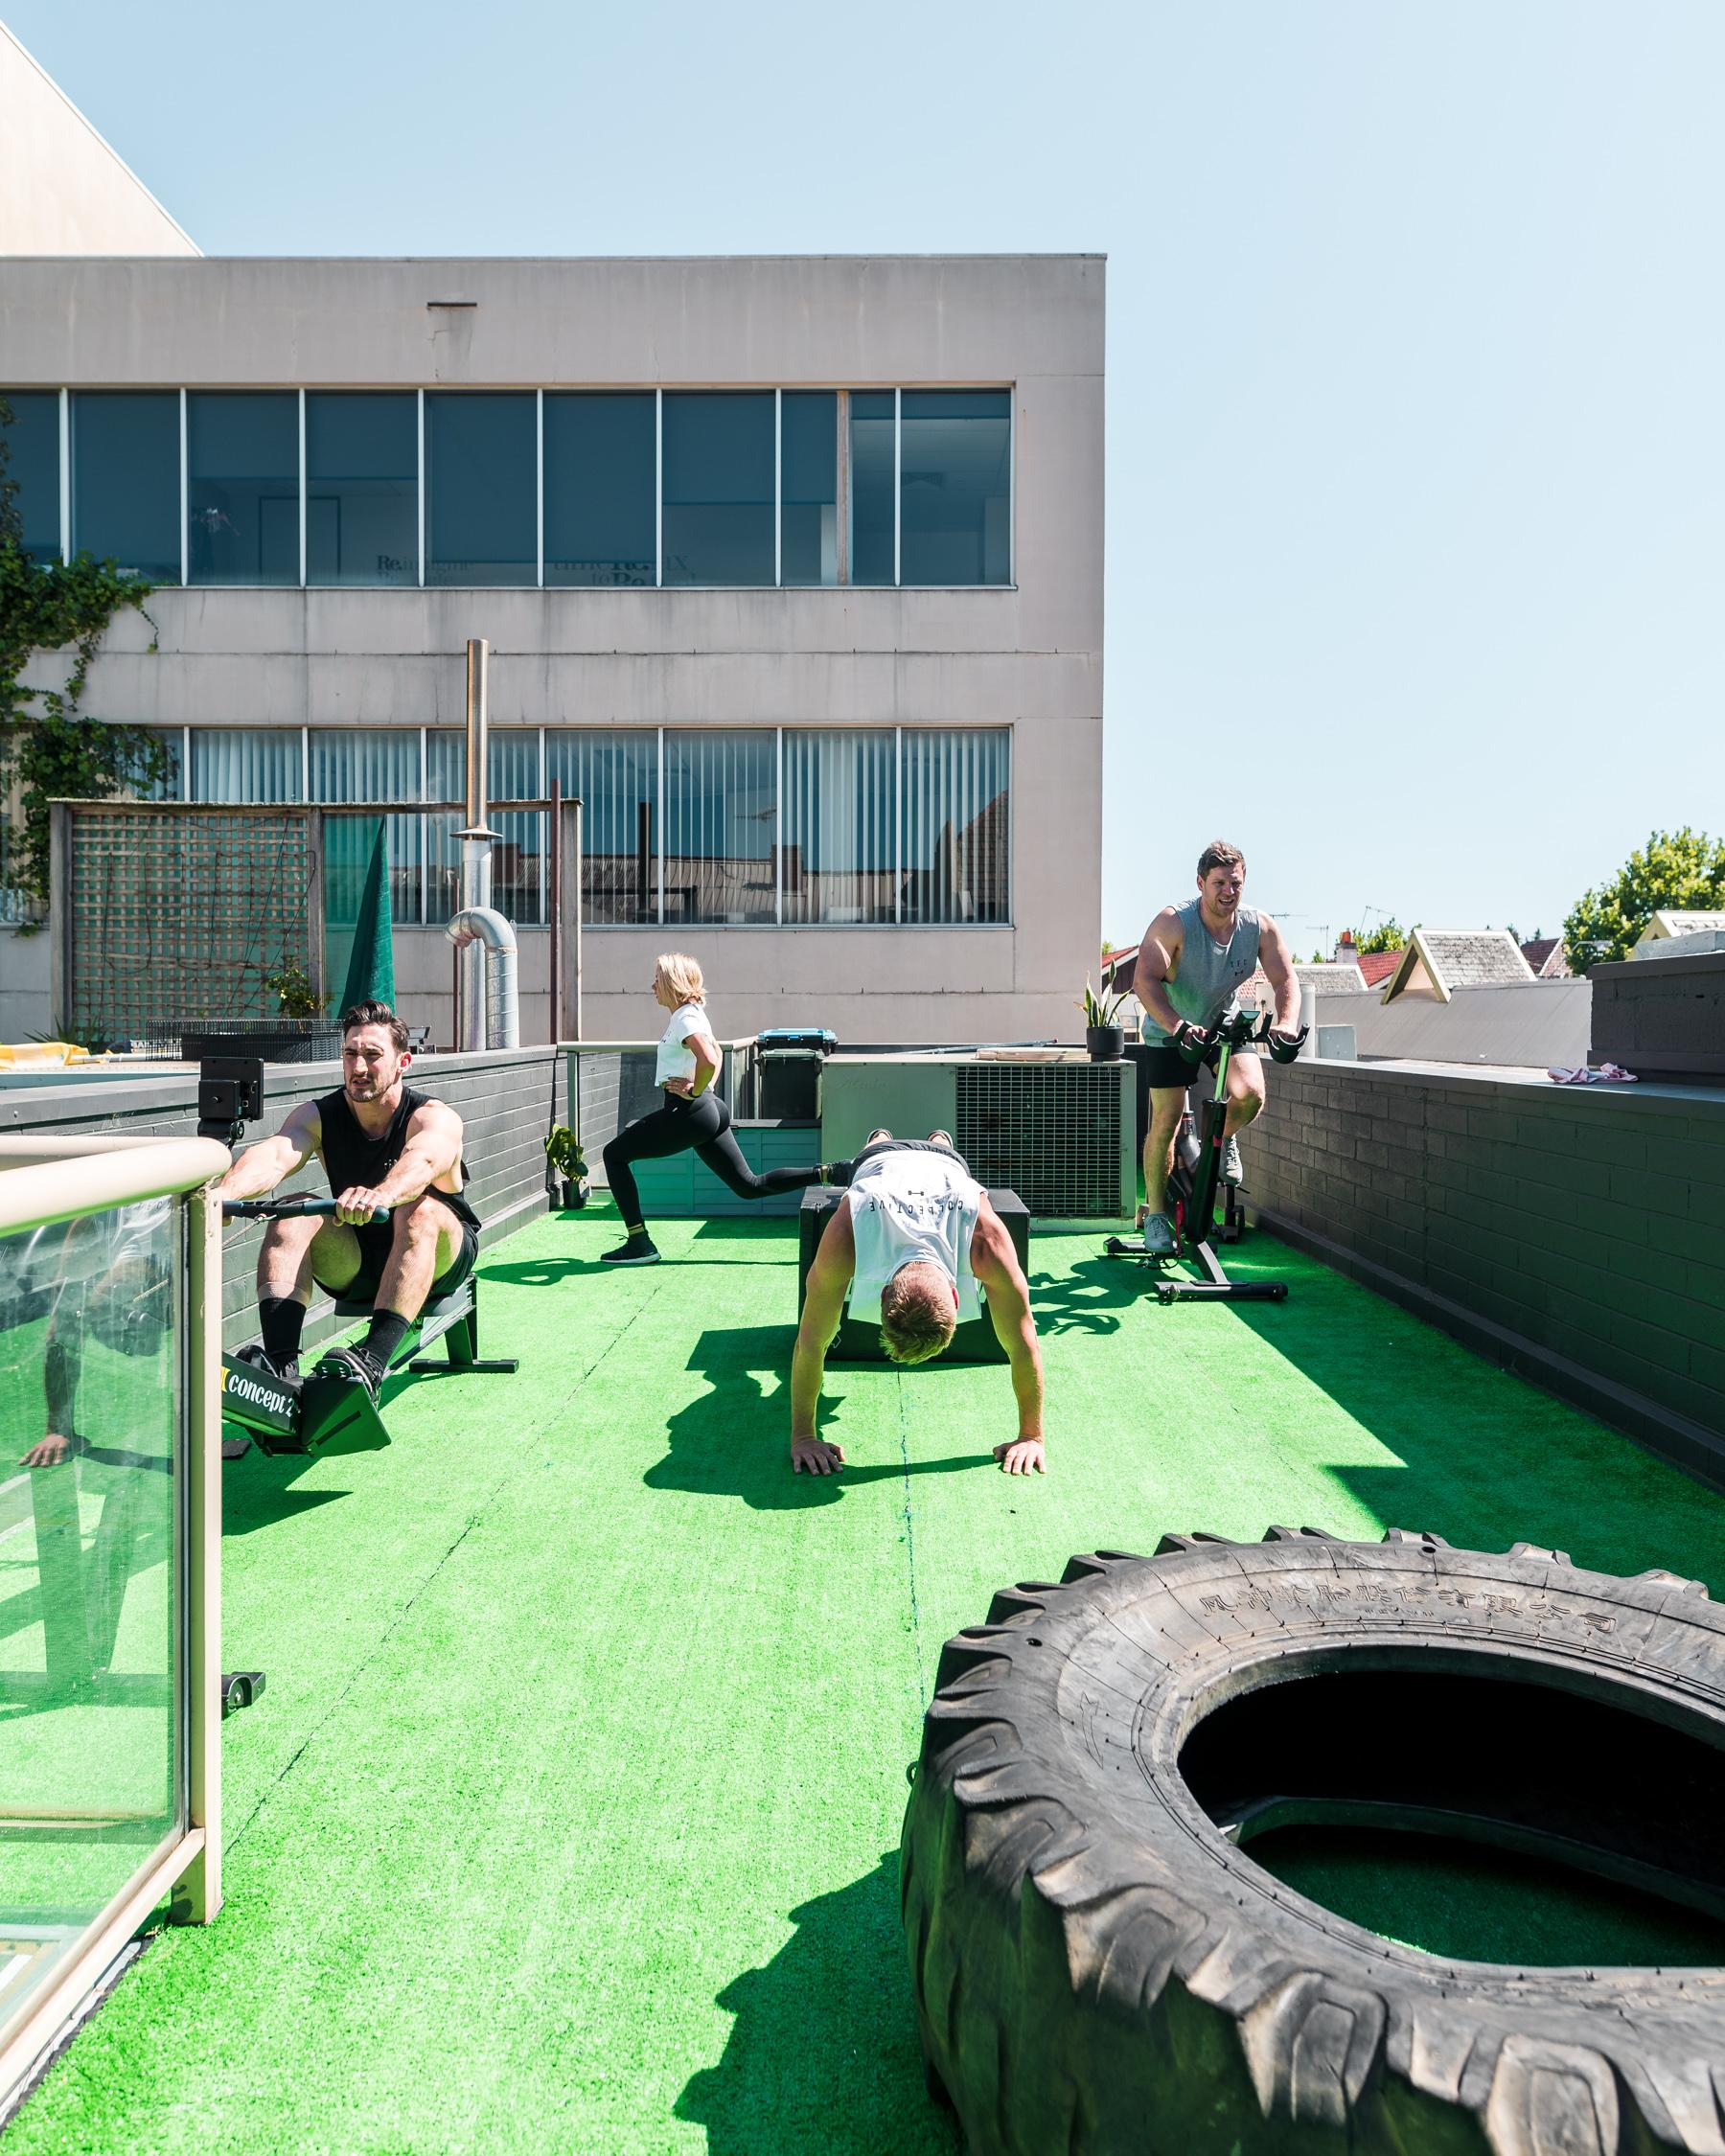 outdoor workout.jpg